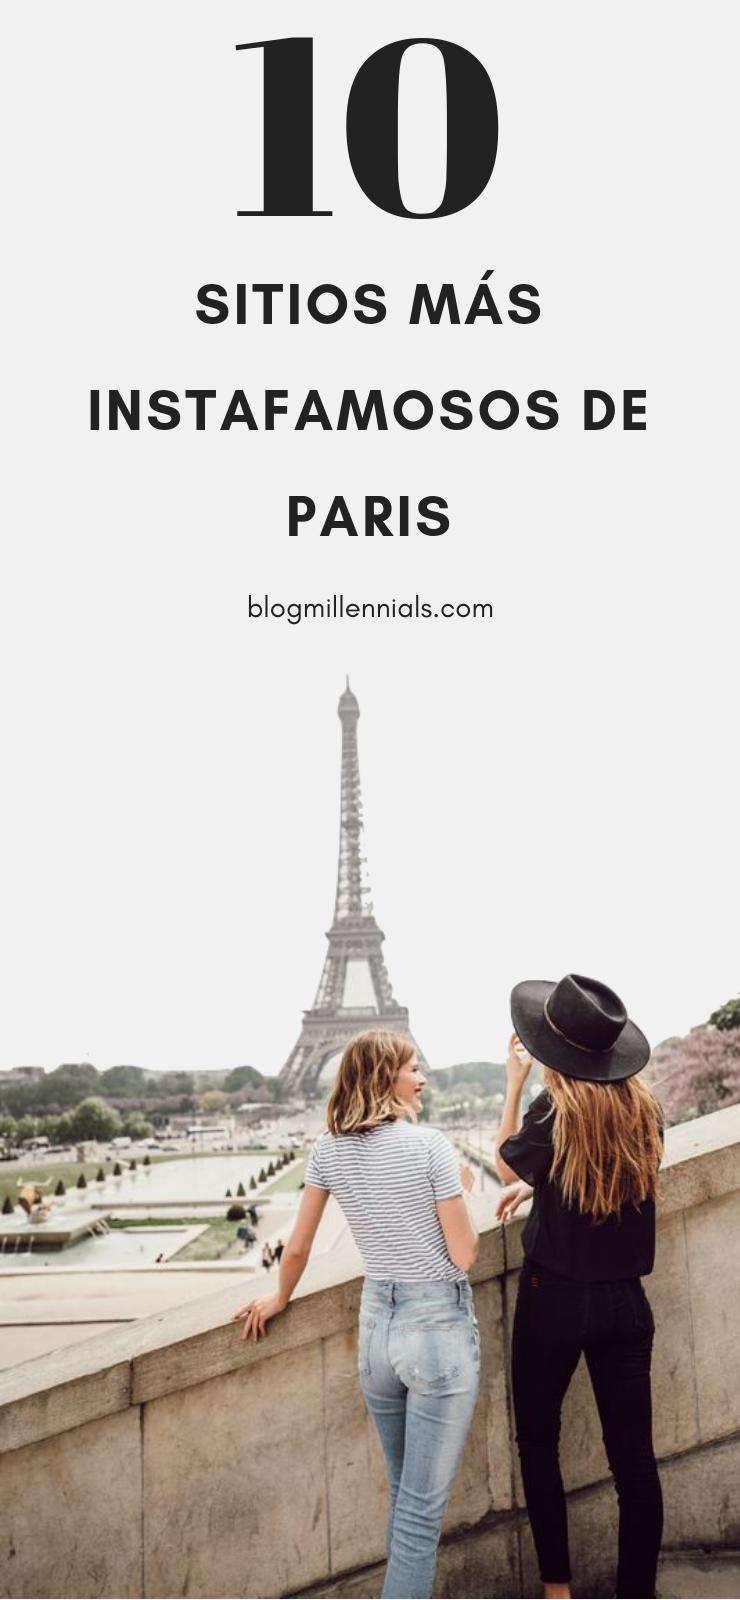 Qué ver en Paris: los sitios más instafamosos de Paris #moda #estilo #fashion #style #travel #viajar #viajera #paris #francia #disneylandparis #disney #chicas #viajeras #traveling #quehacer #turista #guíaparis #quehacerenparis #girlstrip #girls #places #vacaciones #vacay #ny #chicas #woman #travel #bloggers #blog #viajando #viajera #comohacermaleta #vogue #bali #indonesia #barcelona #magazine #instagram #beauty #blogger #airport #aiportstyle